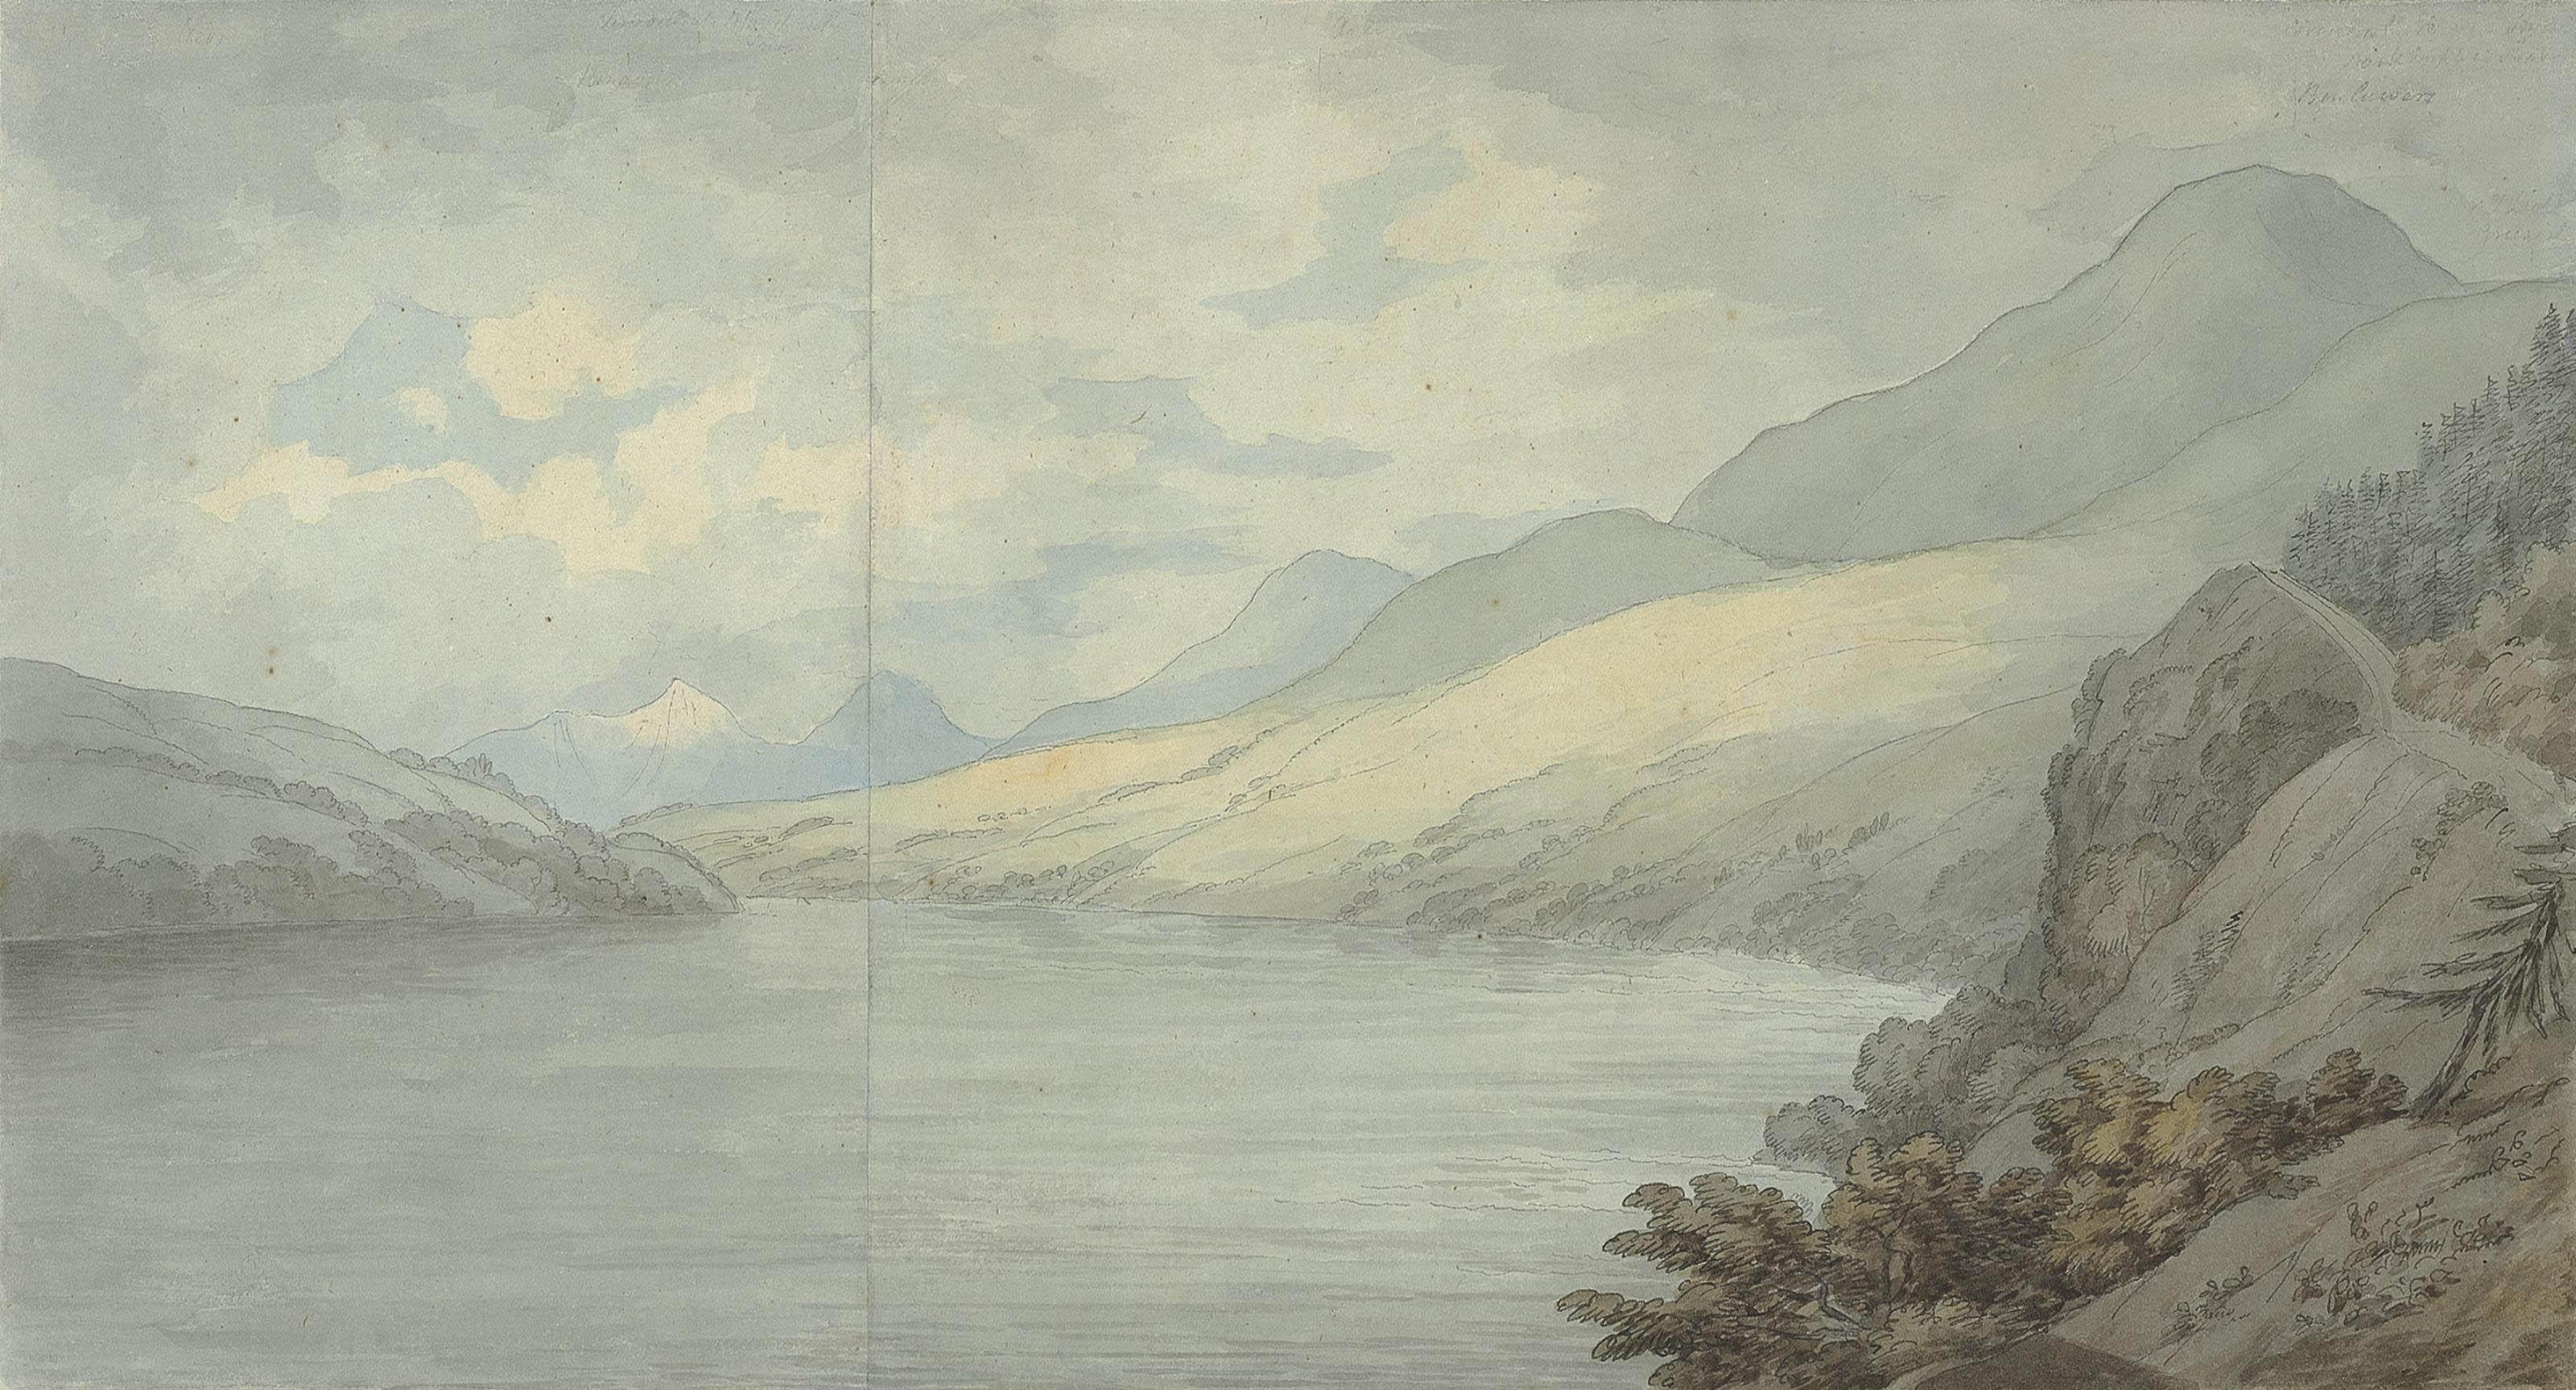 Loch Tay, near Kenmore